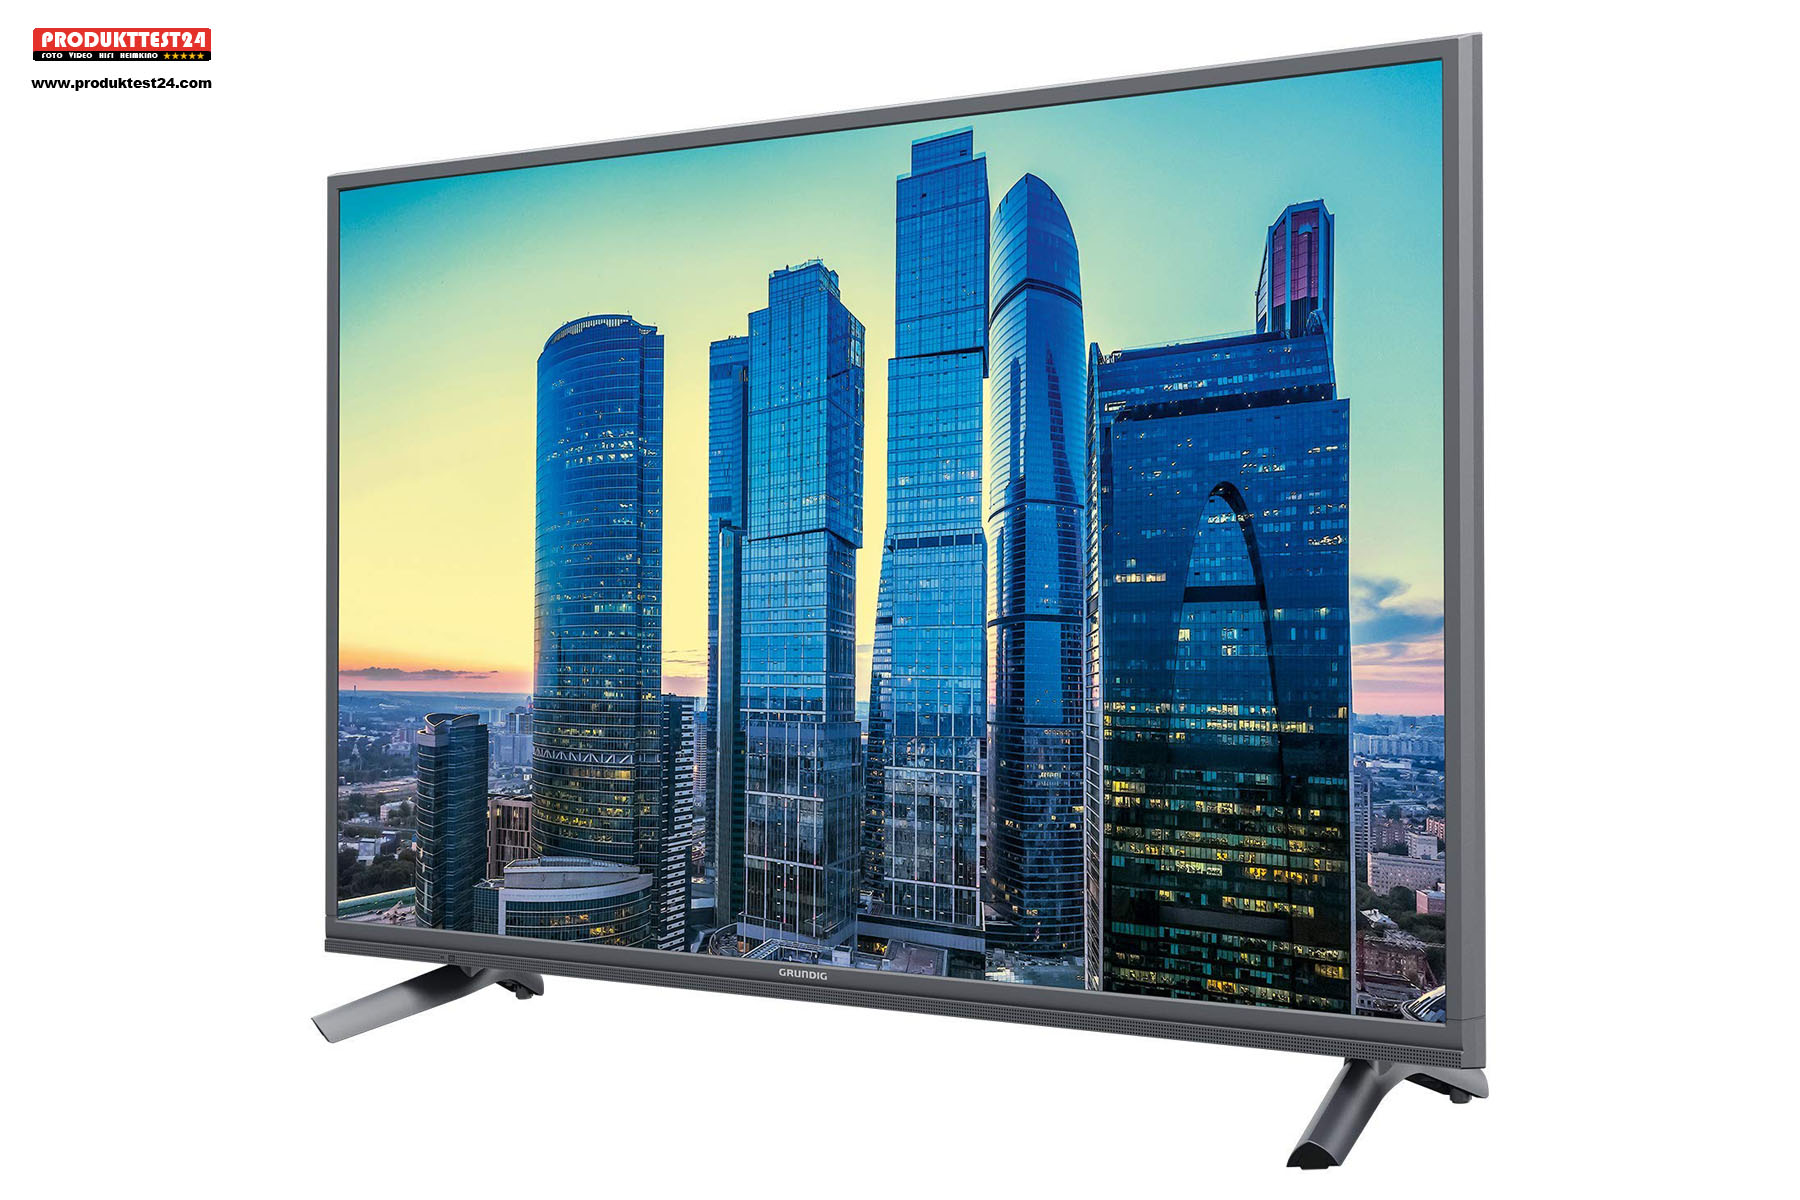 43 Zoll Ultra HD 4K Fernseher